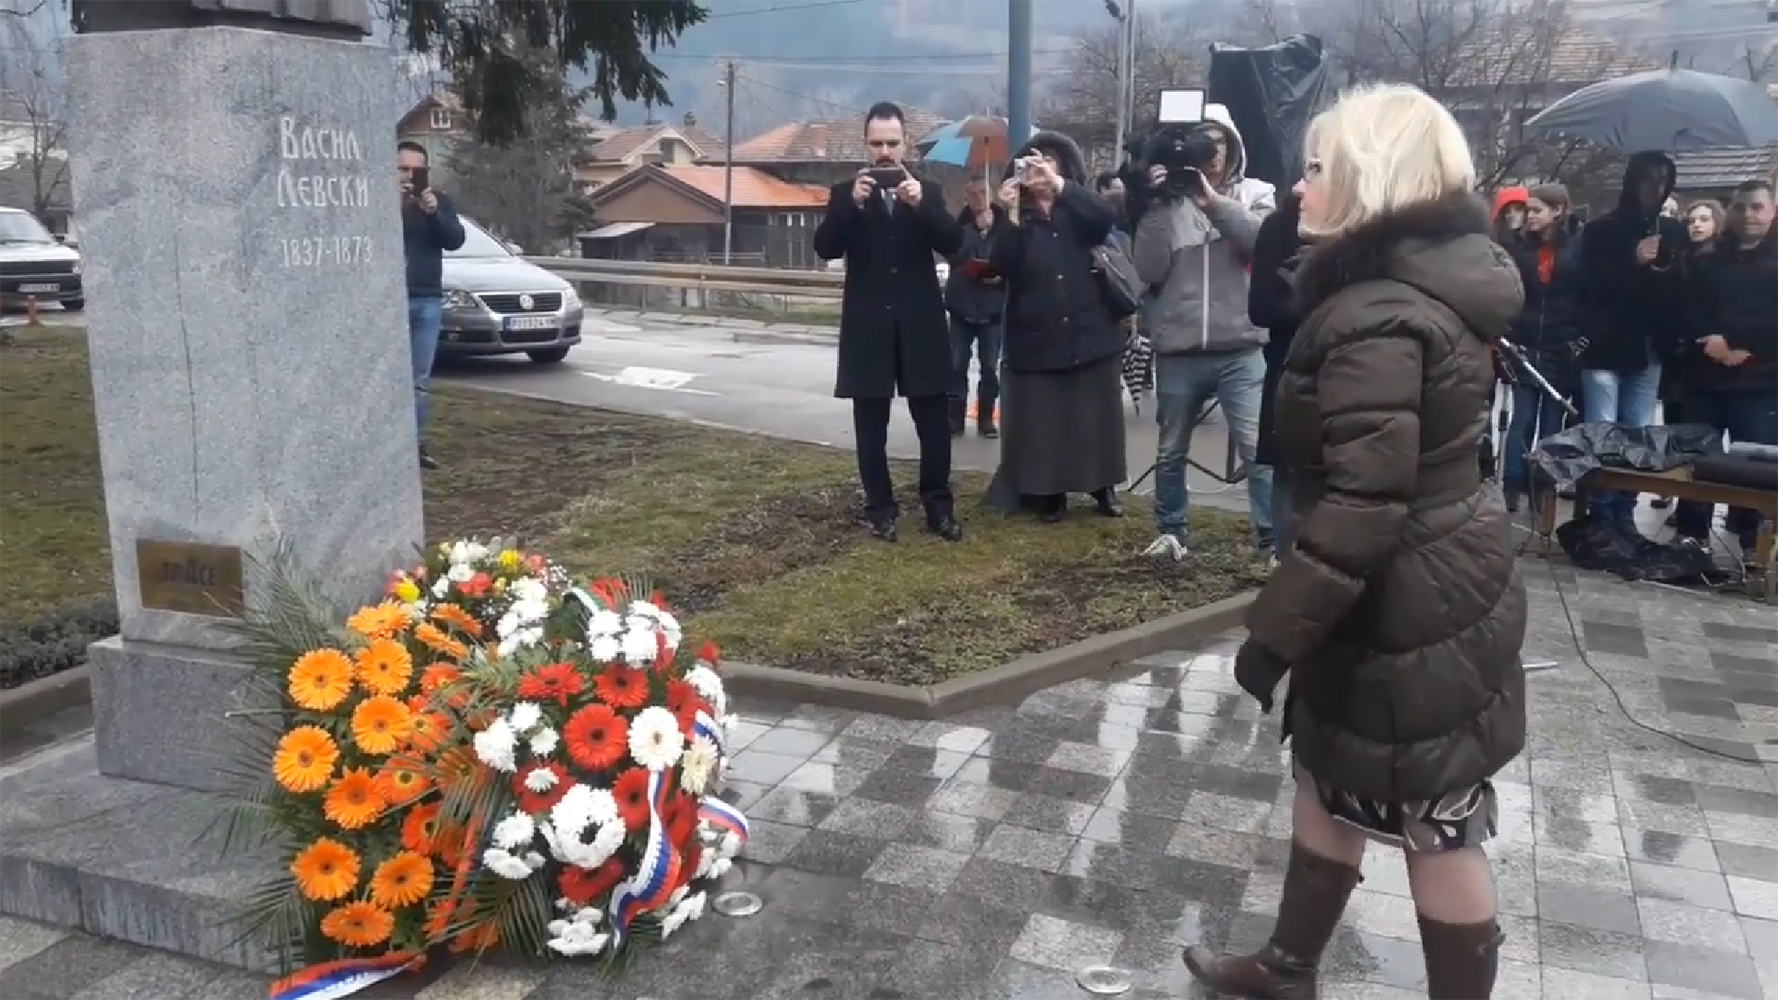 Свечаност поводом 145 година од смрти бугарског револуционара Васила Левског